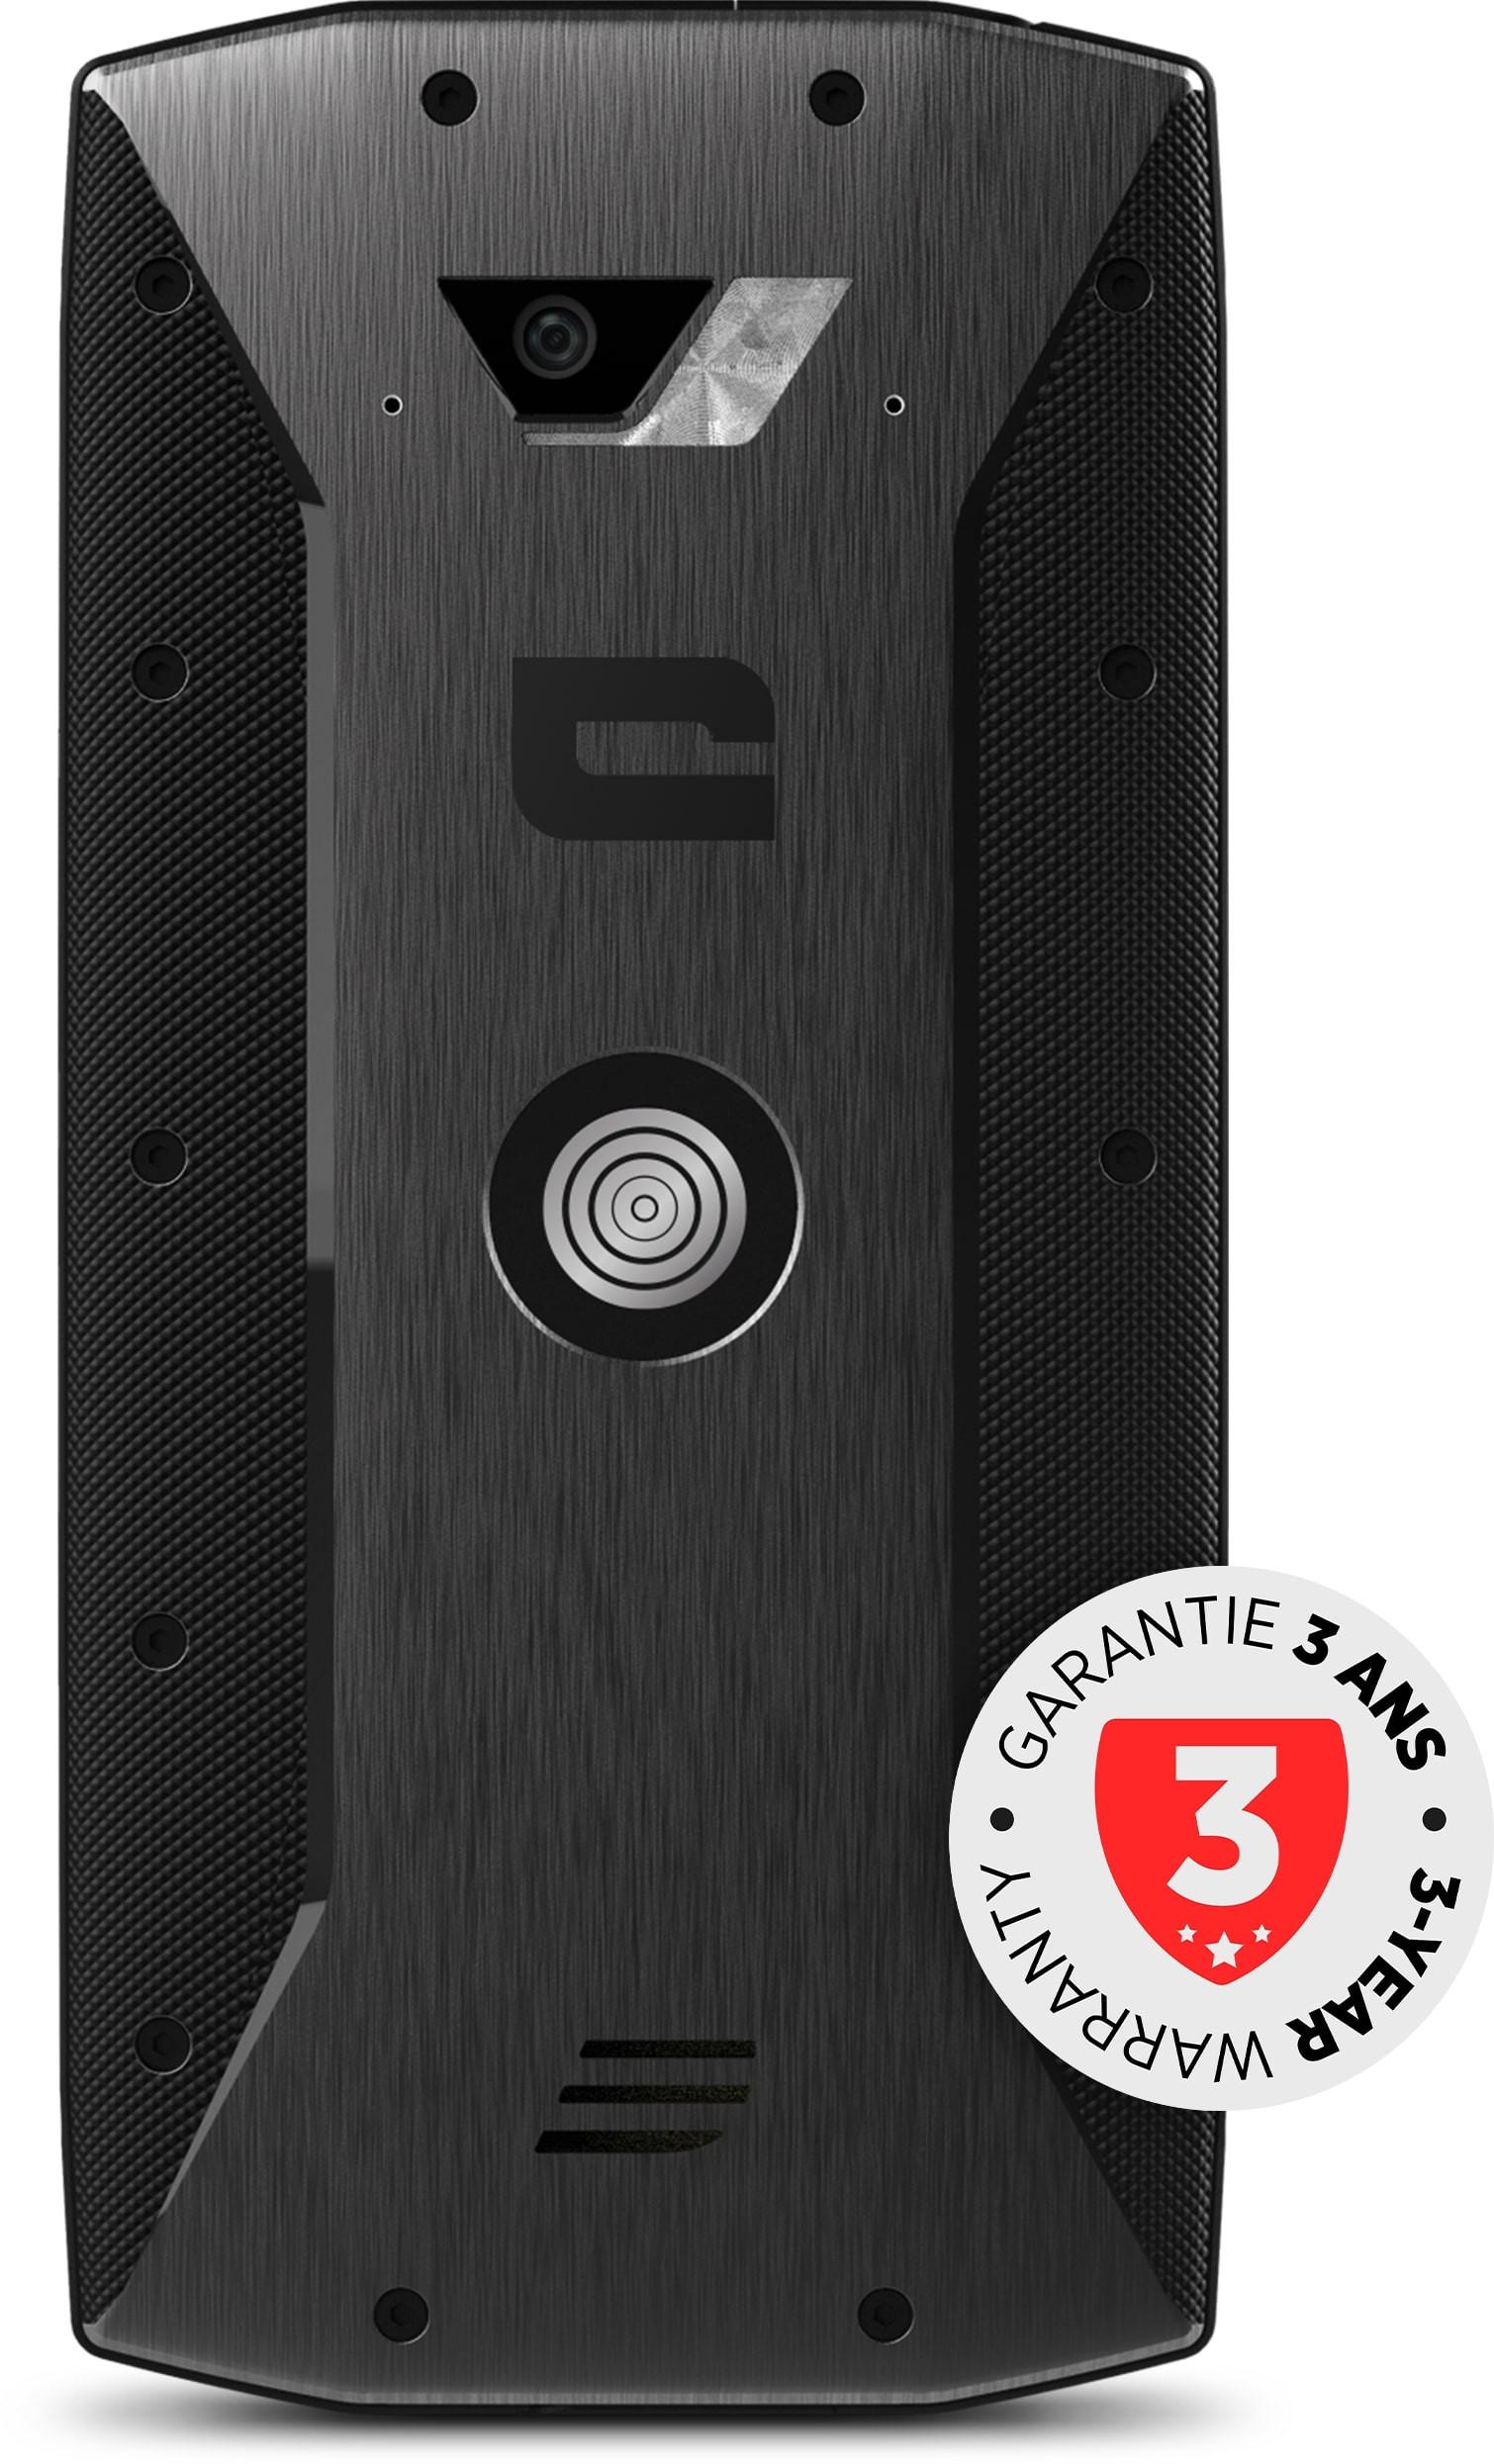 Pack Pro Core-M4 CROSSCALL - accessoires + X-Glass + écouteurs X-Play - COM4.PACKPRO